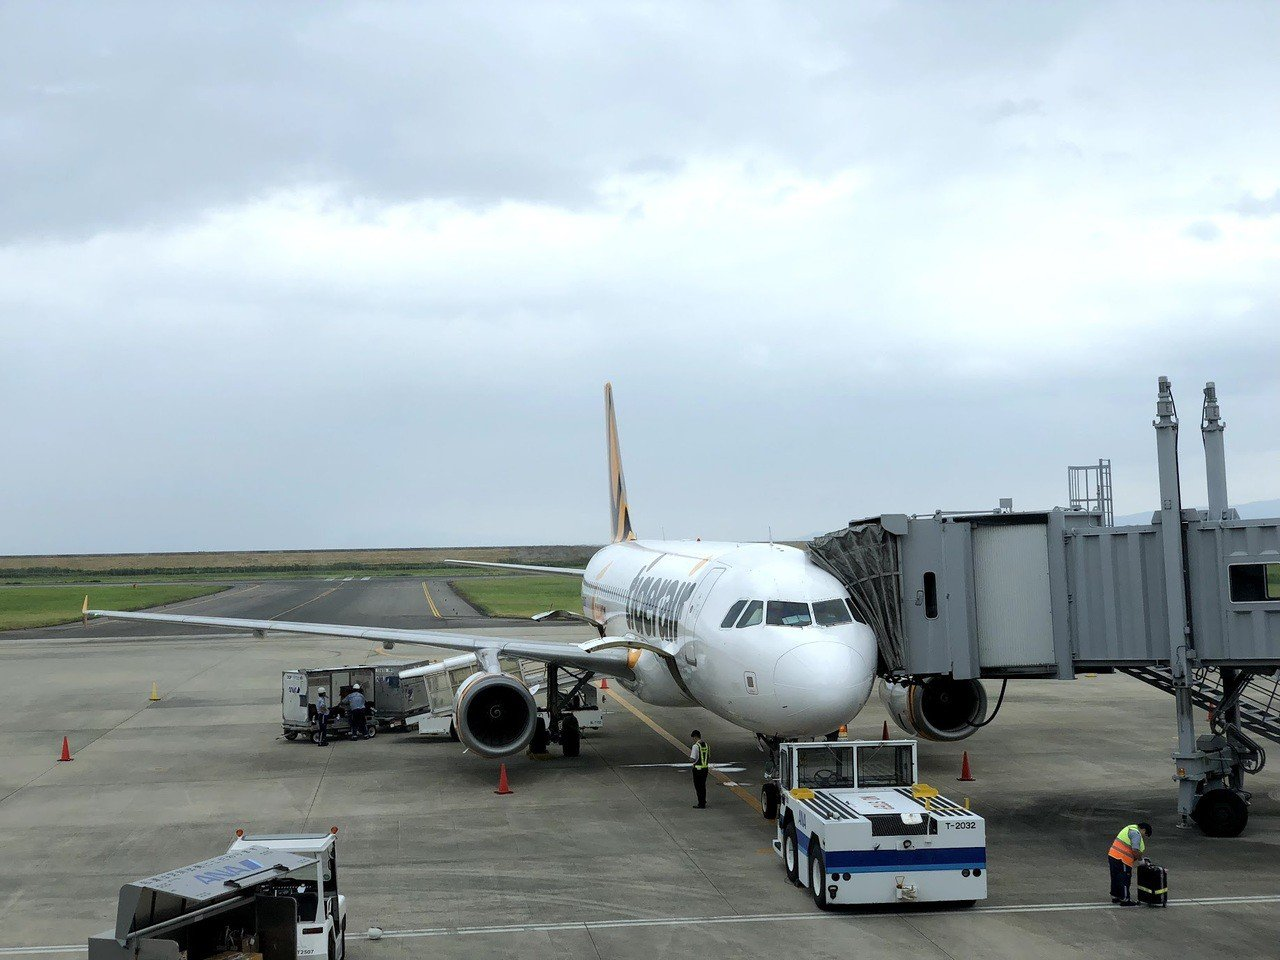 搭飛機有一定的風險,若要開心出門平安落地,最好先詳閱航空公司提供的健康須知。記者...